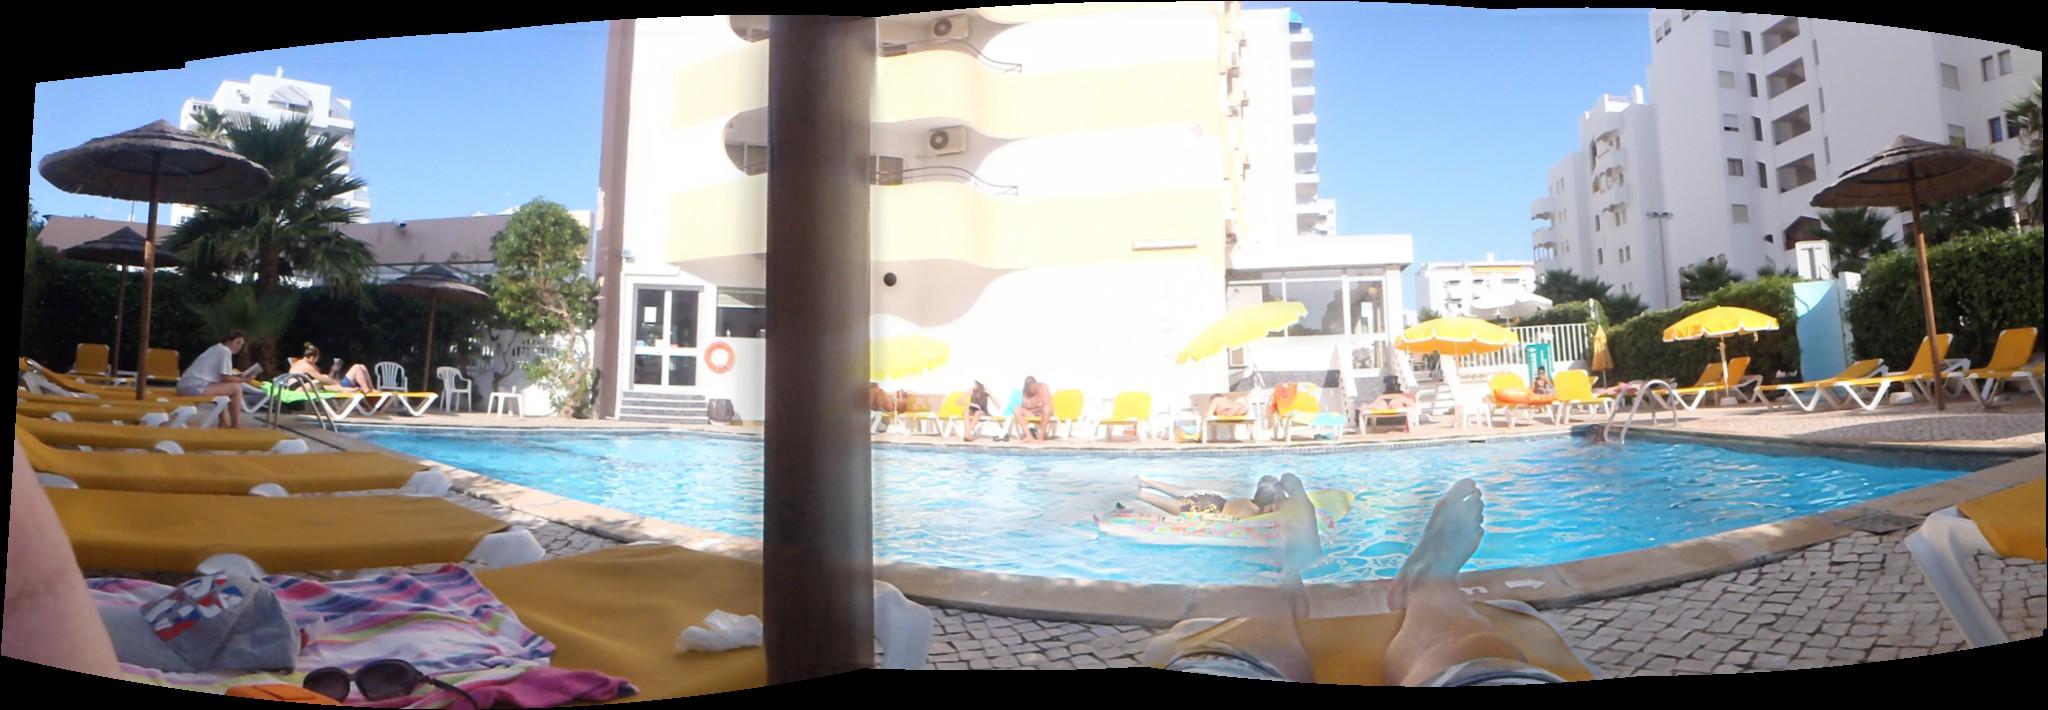 Piscina hotel Atismar